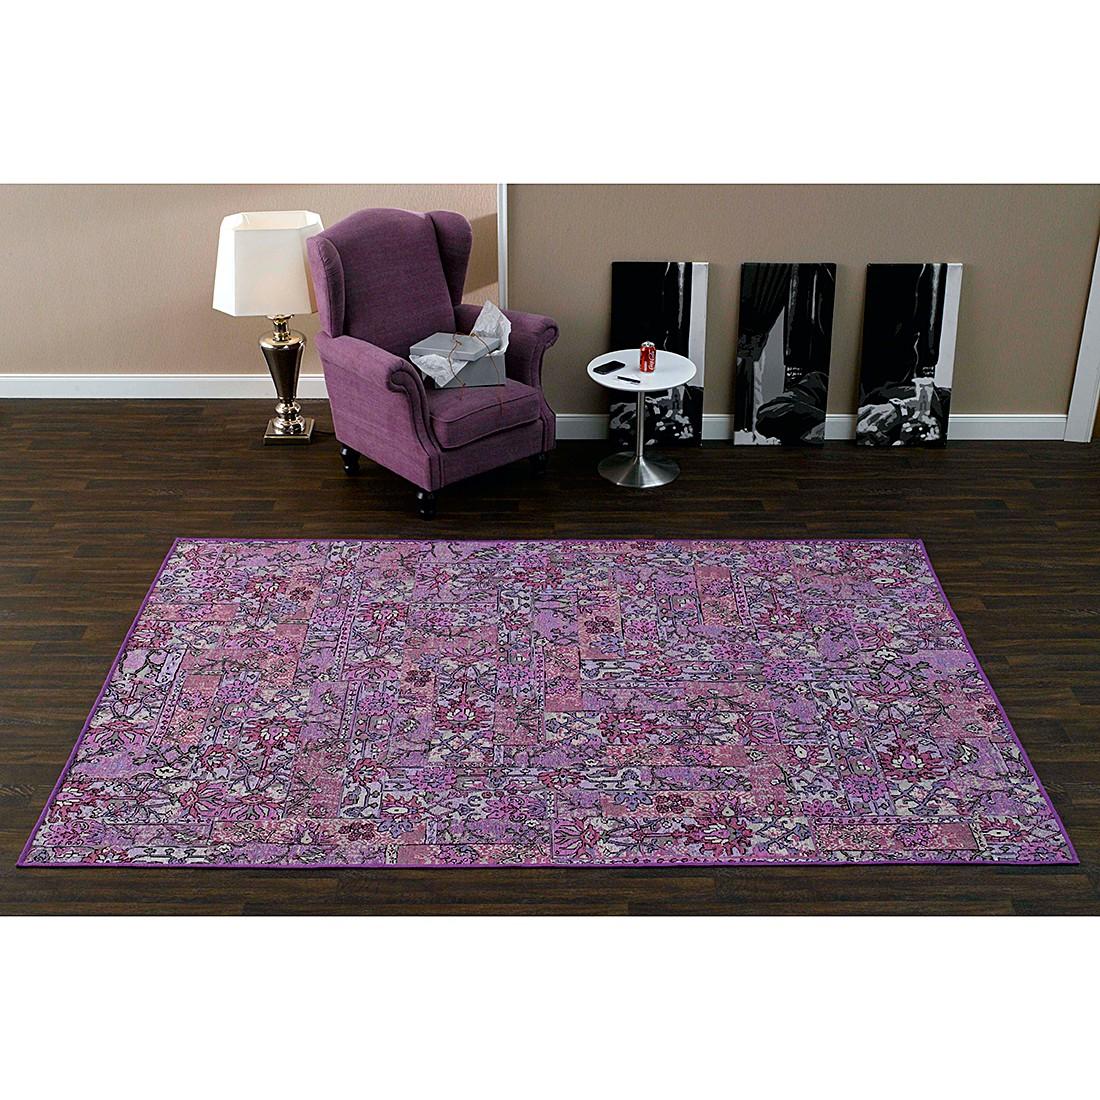 Teppich Floral – Violett – 200 x 300 cm, Schöngeist & Petersen kaufen